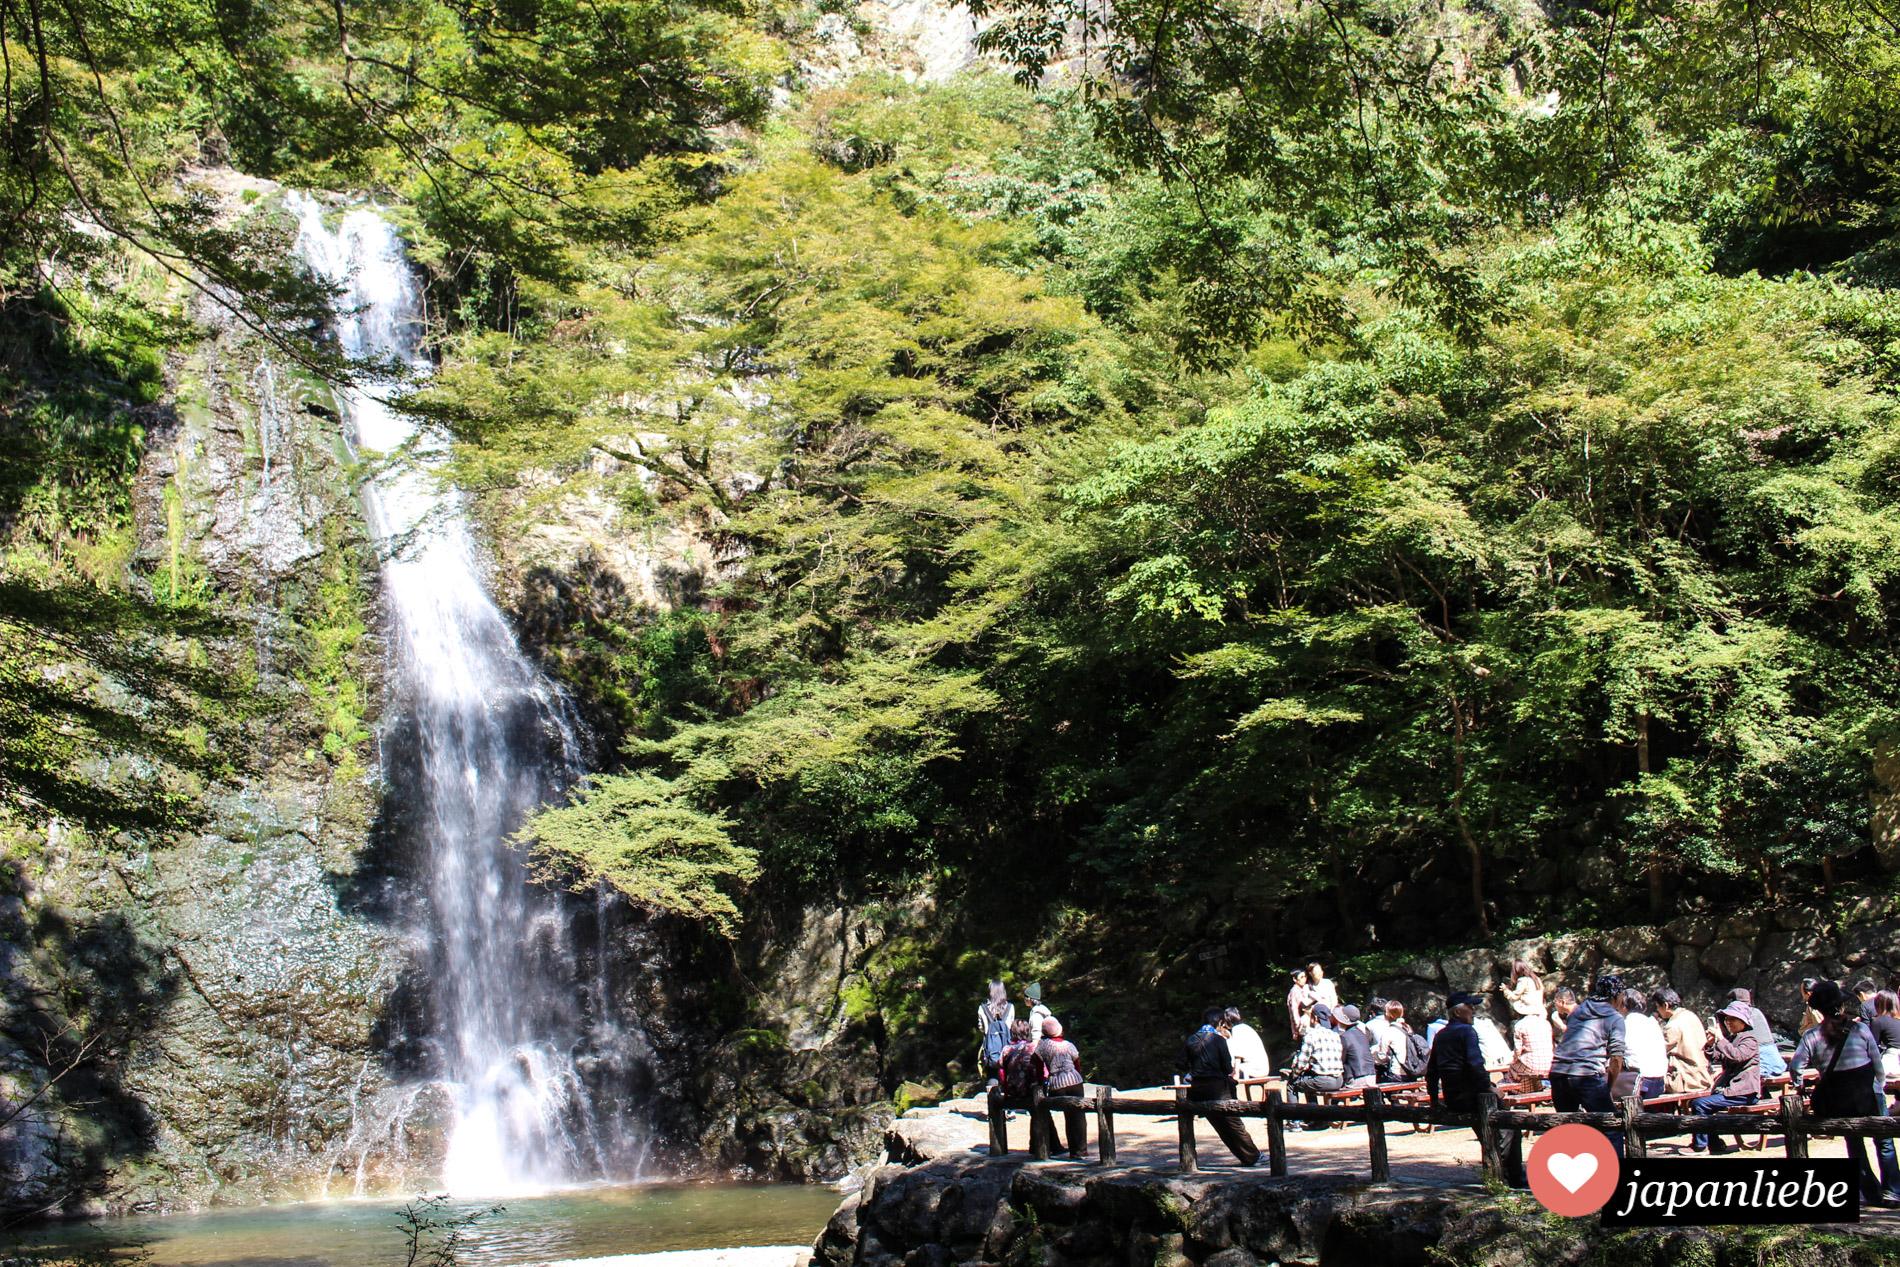 Das Zeil einer Wanderung im Minō-Park: der Minō-Wasserfall